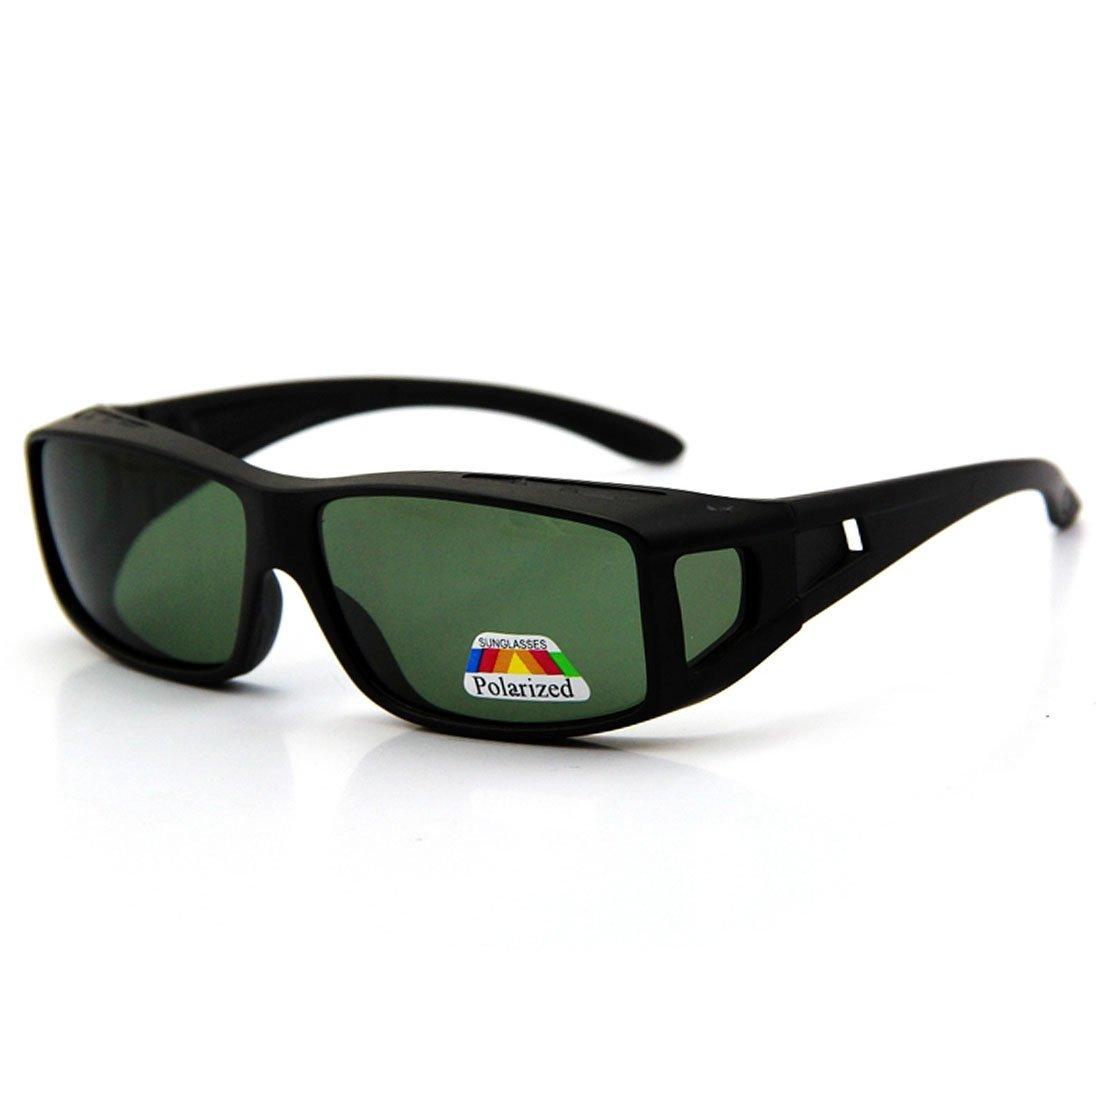 1573c7c1c06 AEVOGUE Over-The-Glass Polarized Sunglasses Prescription Glasses DT0222   Amazon.ca  Jewelry